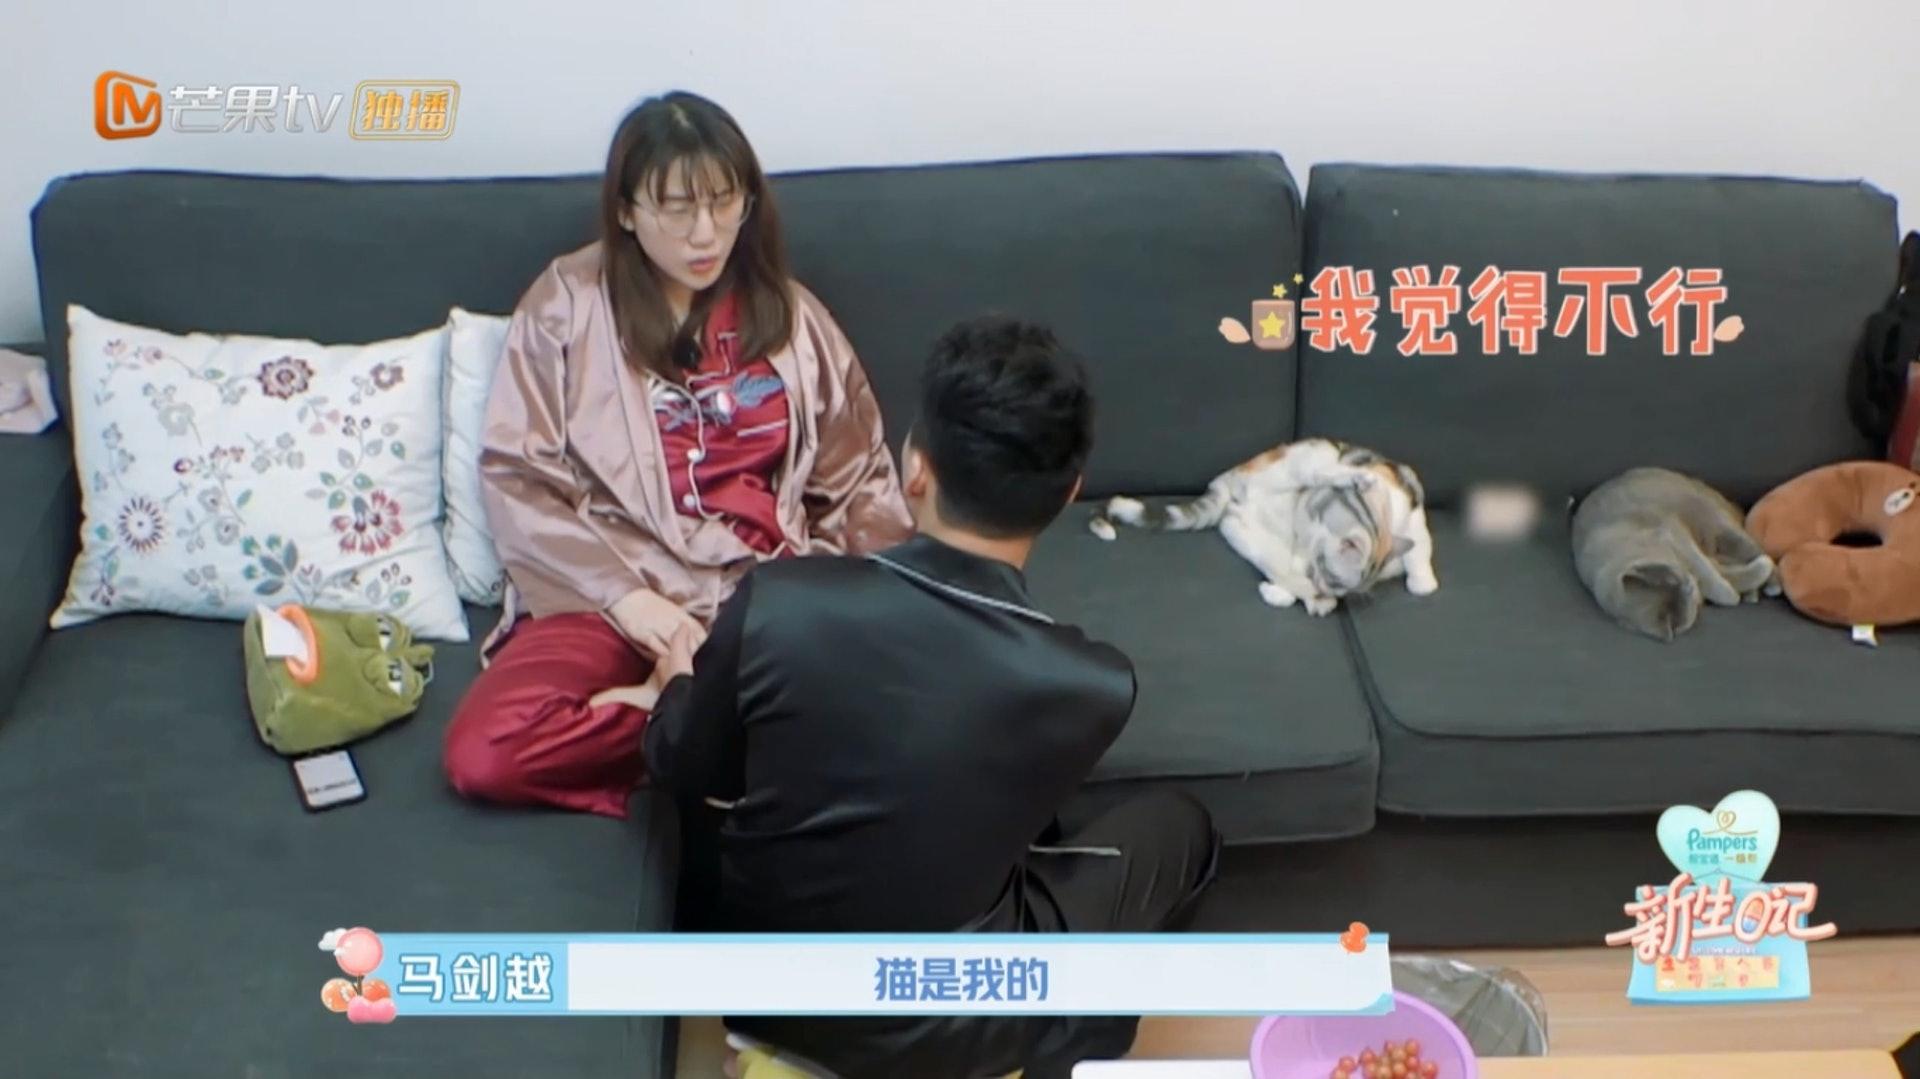 準媽媽馬劍越不捨得自己的貓狗,丈夫張杰努力勸服她。(Youtube影片截圖)